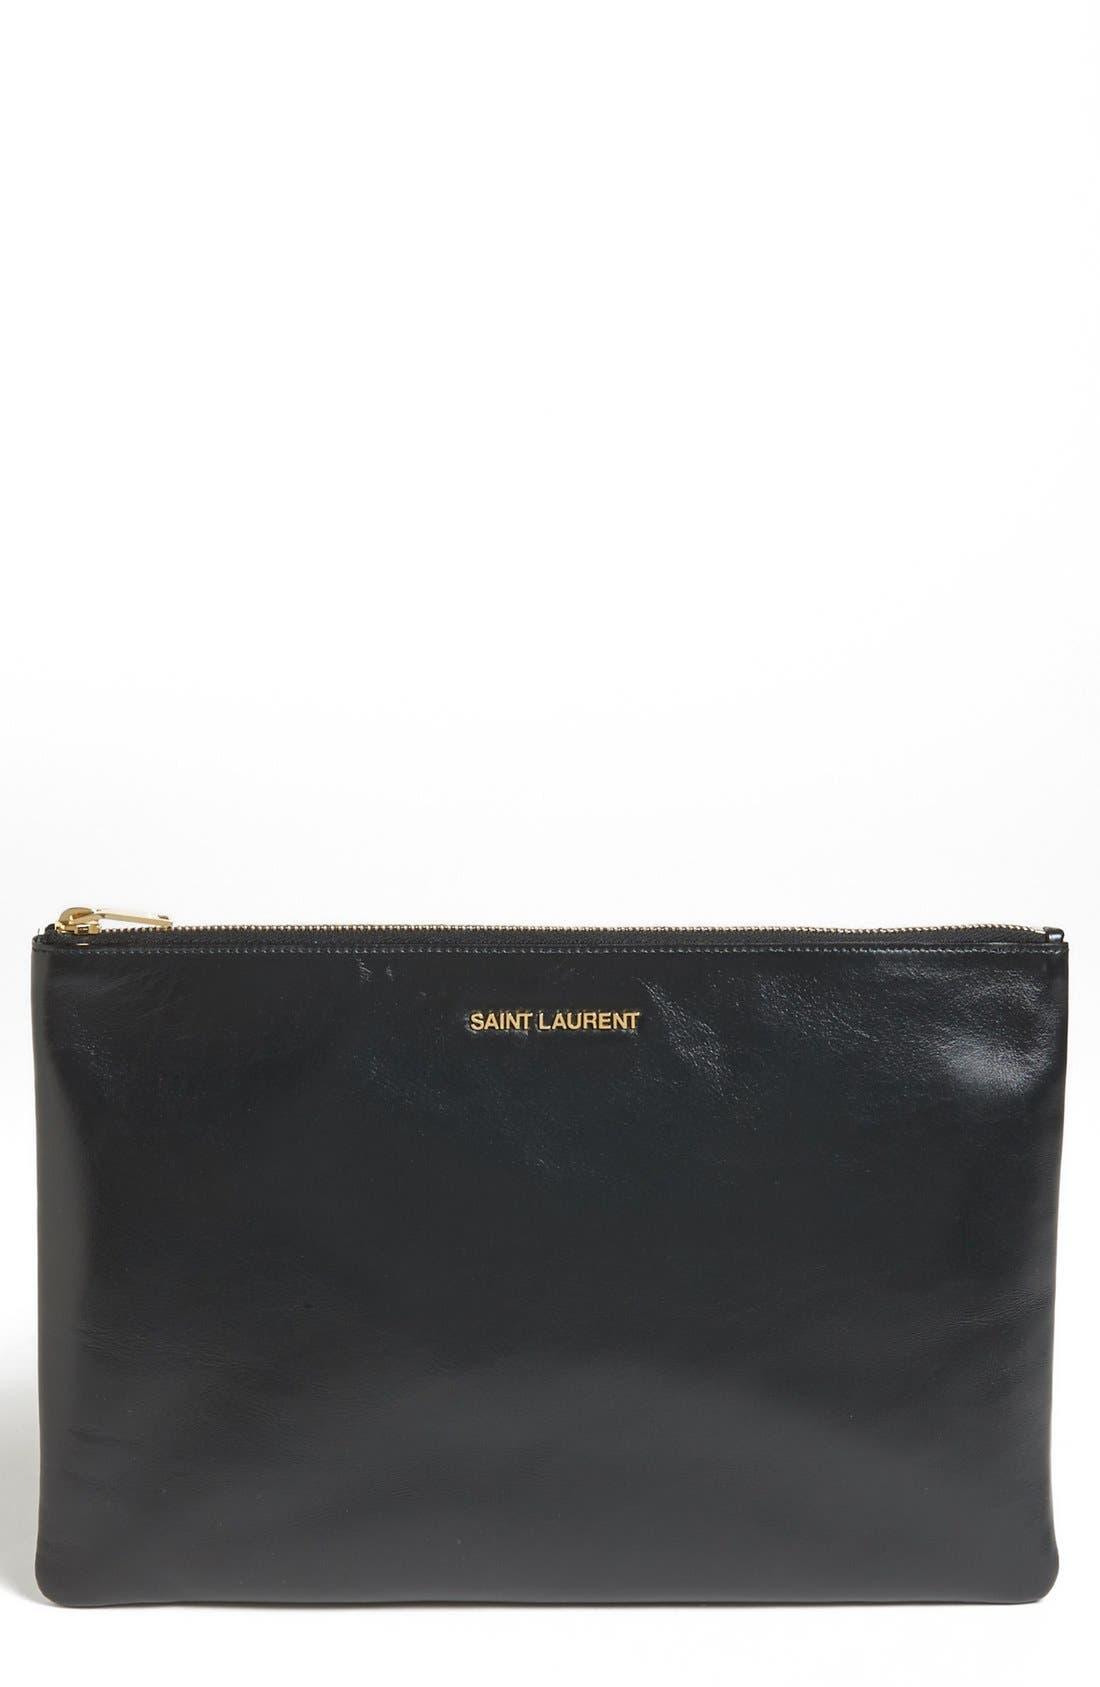 Main Image - Saint Laurent Leather Clutch